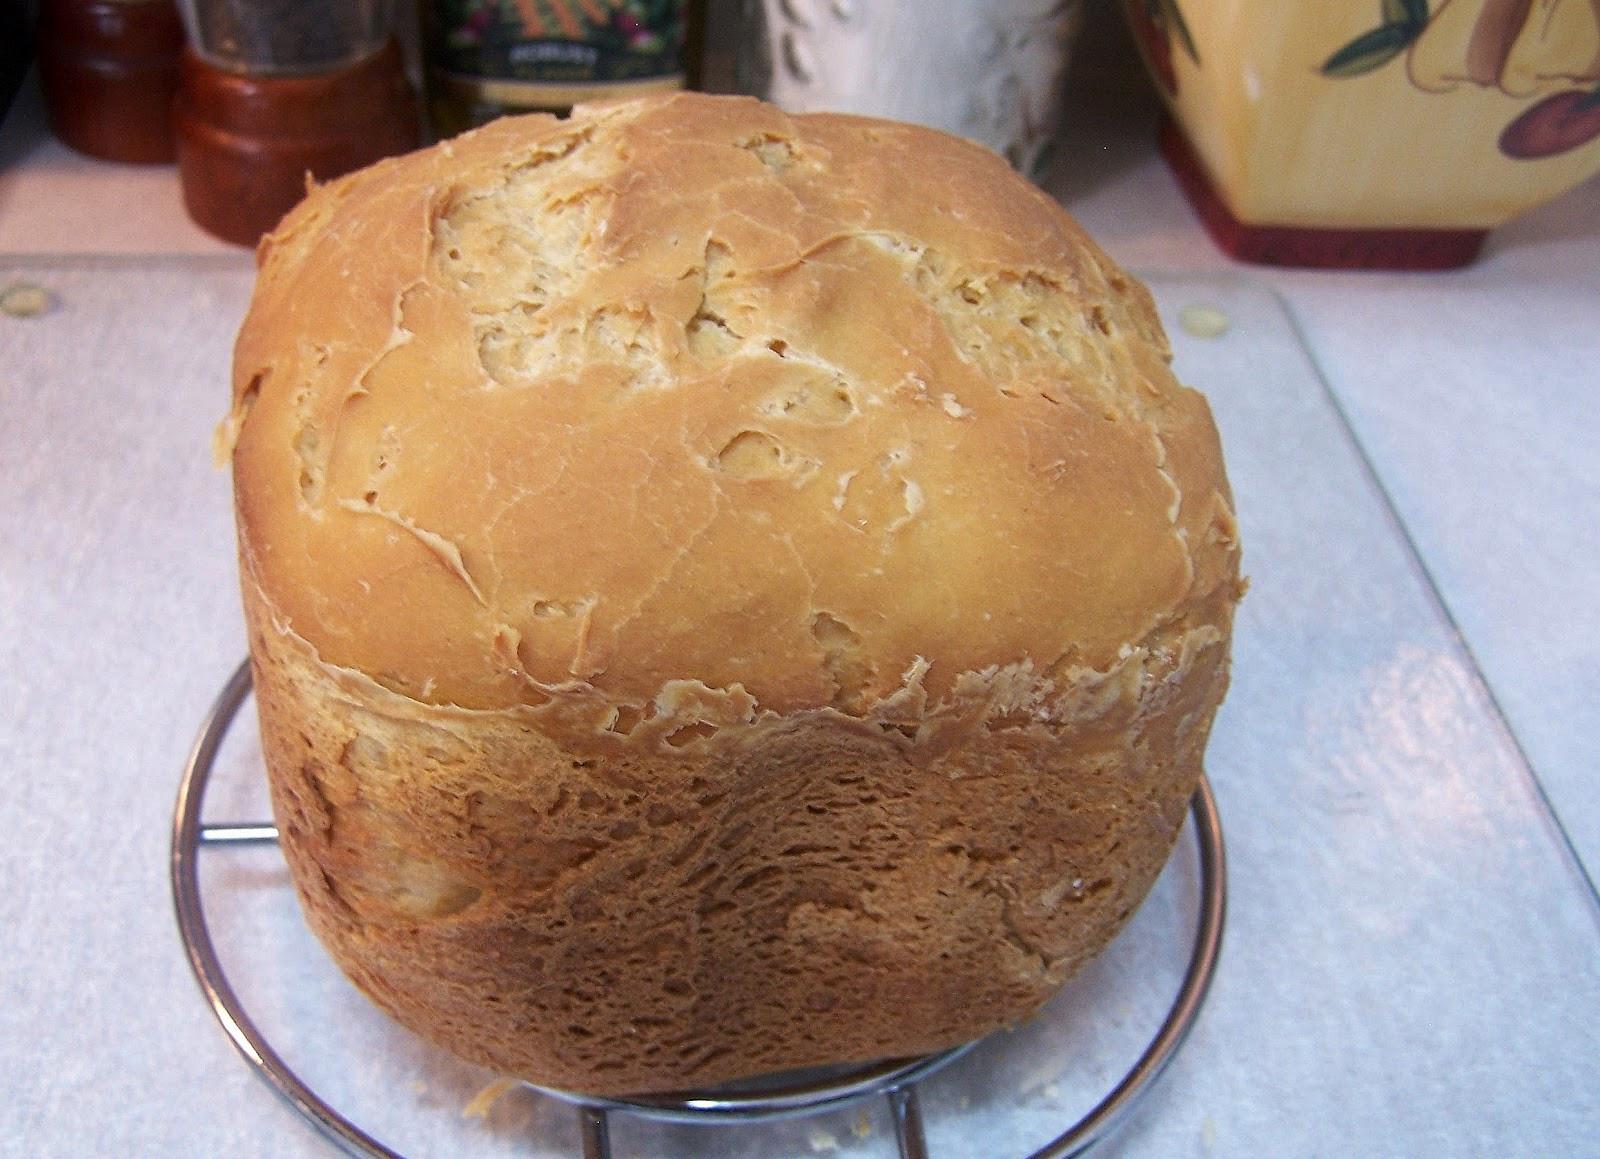 Bread Machine Gluten Free  Spectacular Gluten Free Bread in the Bread Machine